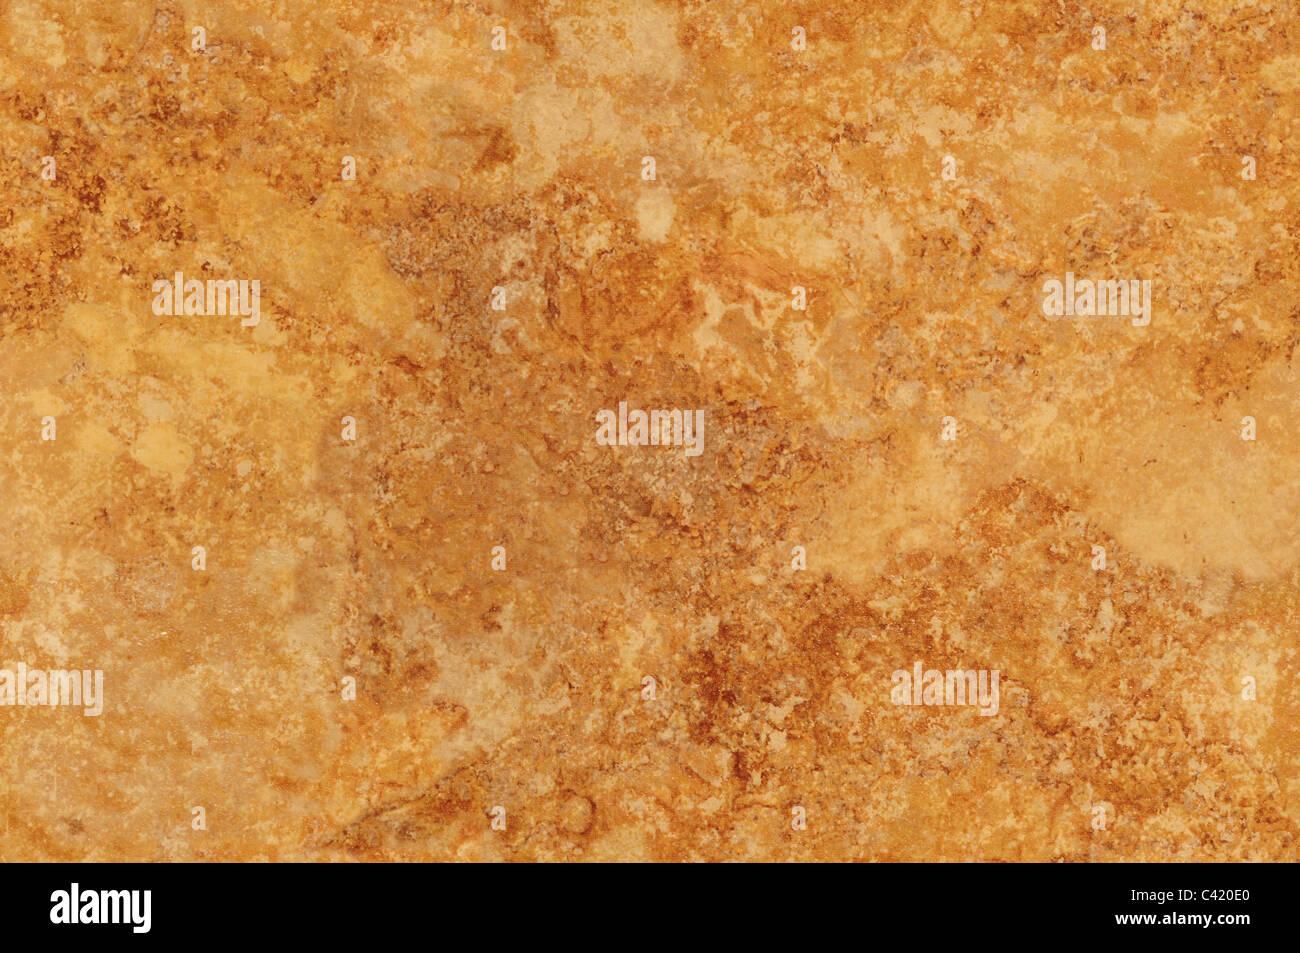 La textura de la superficie de fondo moteado marrón Imagen De Stock